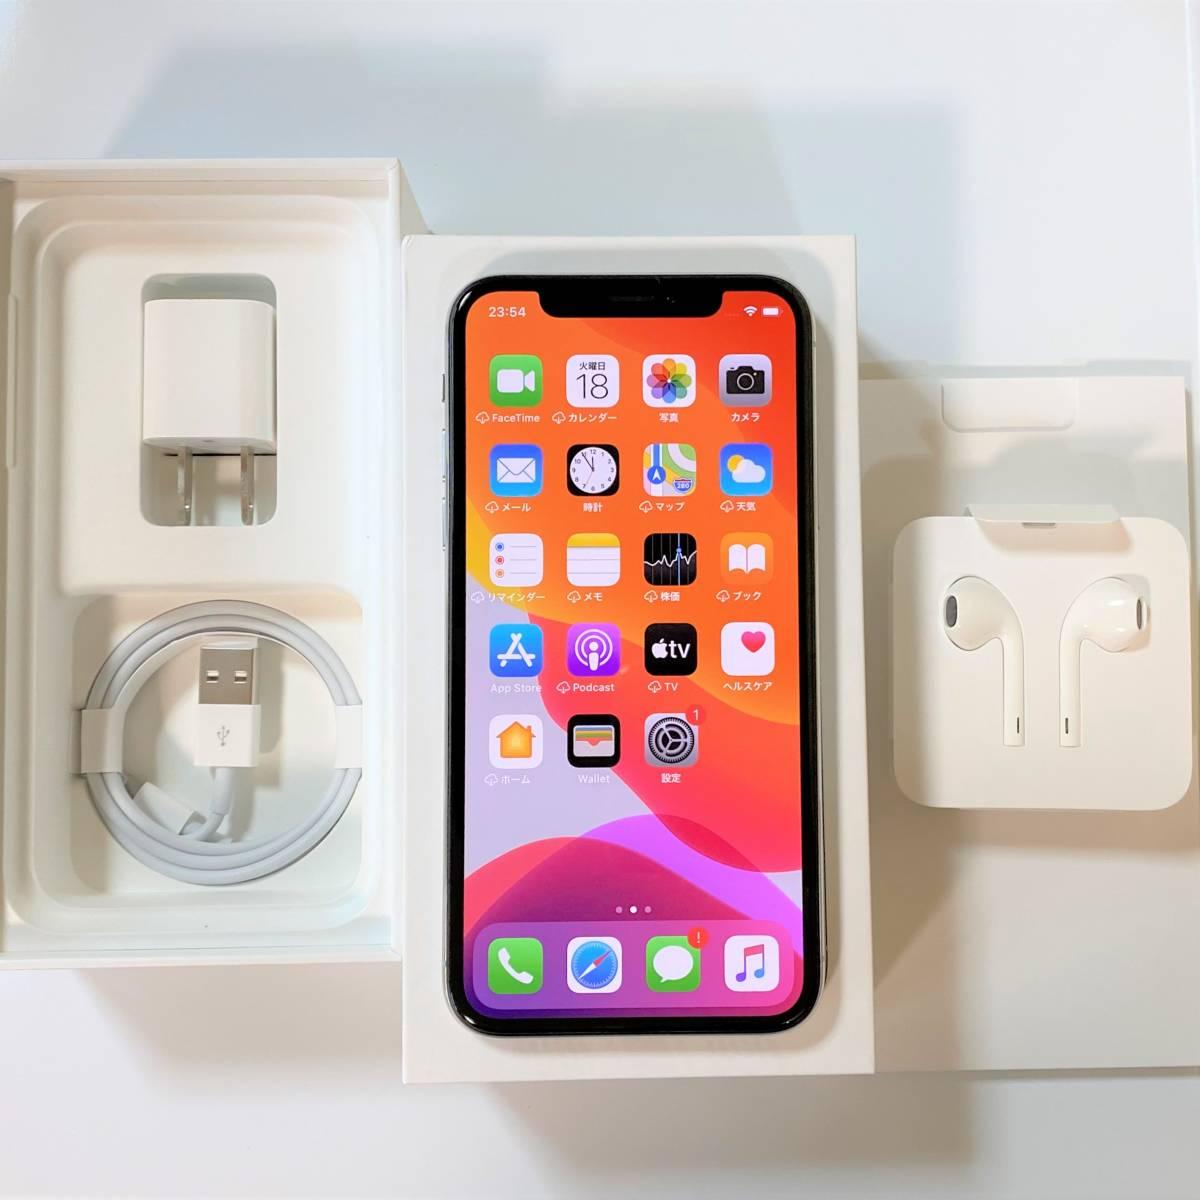 (美品) SIMフリー iPhone X シルバー 256GB MQC22J/A iOS13.3.1 docomo 格安SIM MVNO 海外利用可能 アクティベーションロック解除済